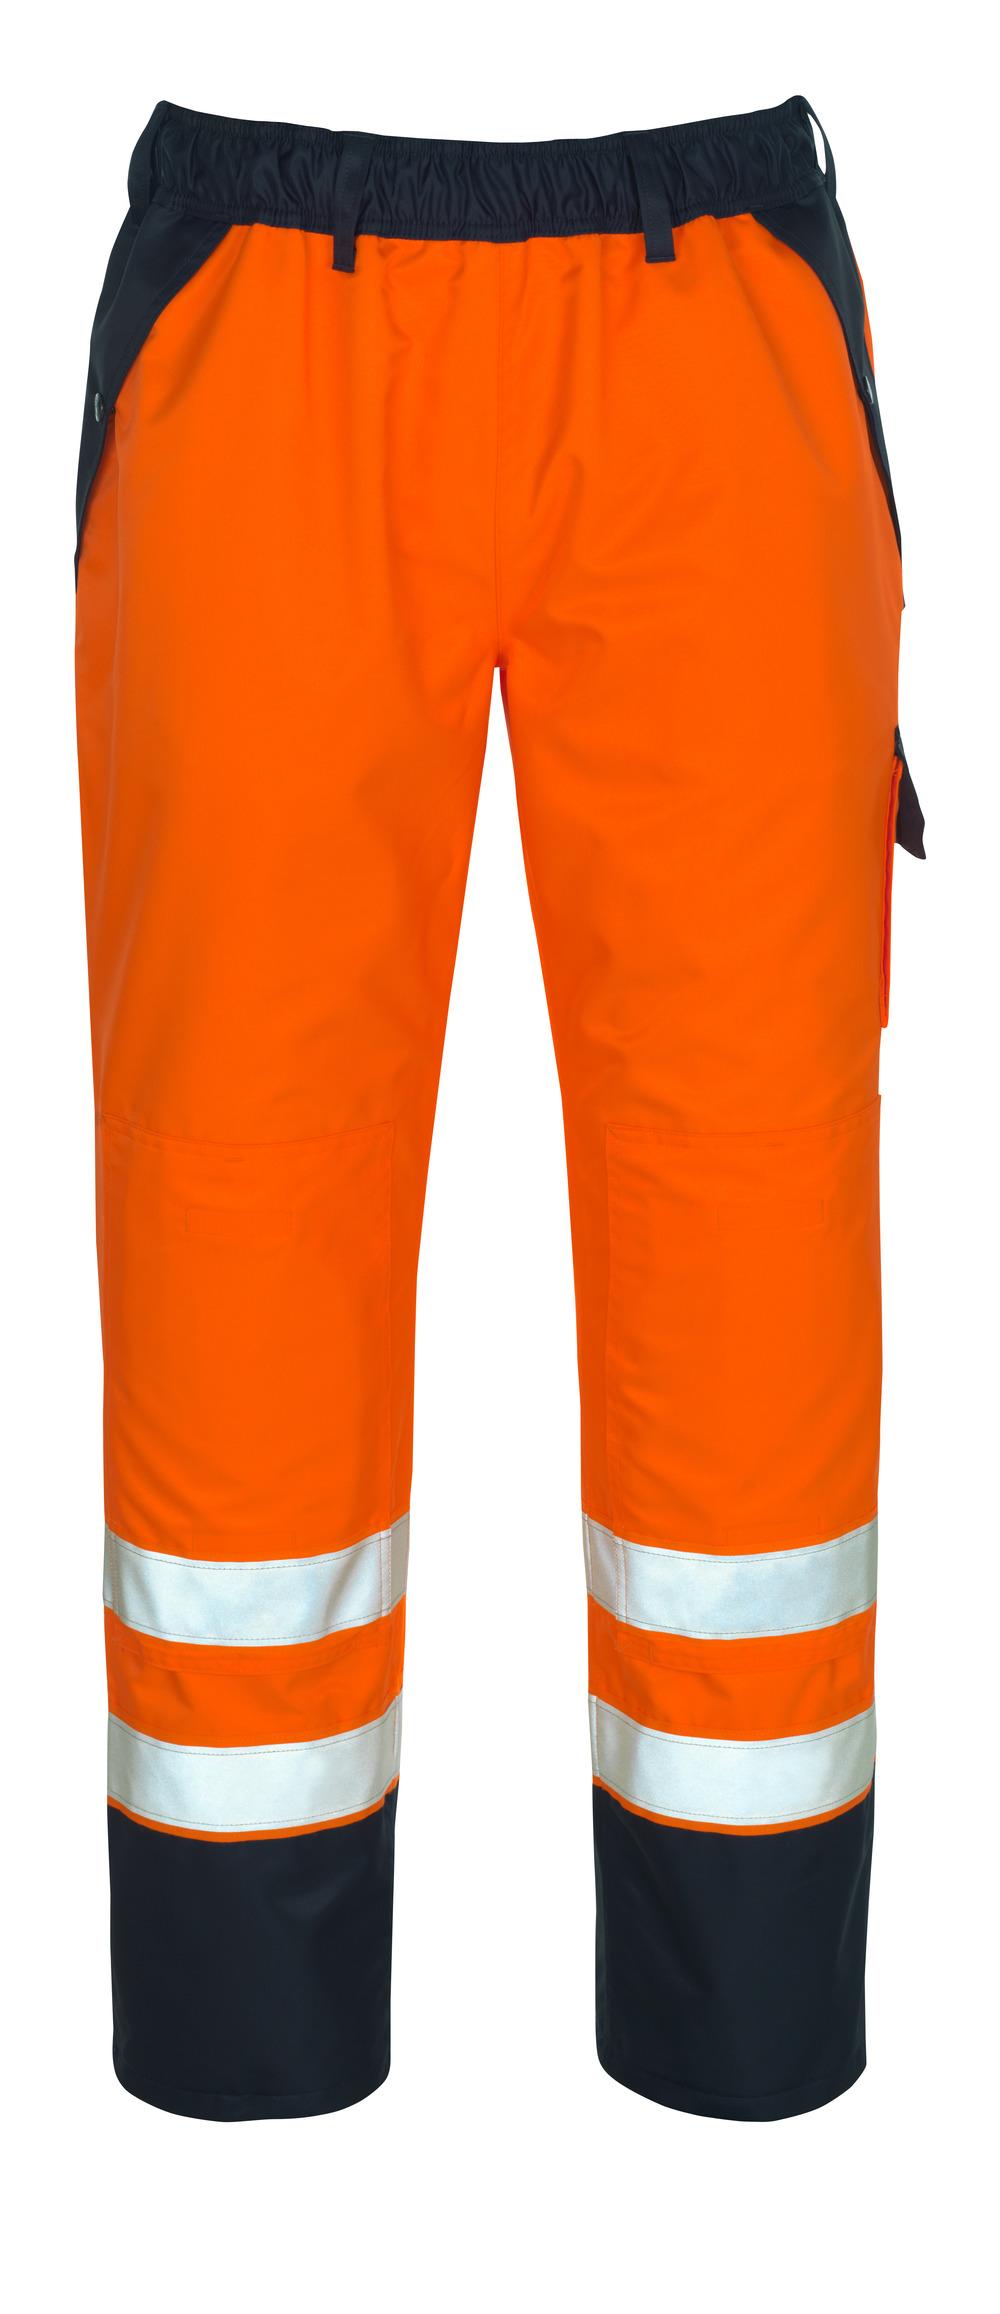 07090-880-141 Päällyshousut polvitaskuilla - hi-vis oranssi/tummansininen